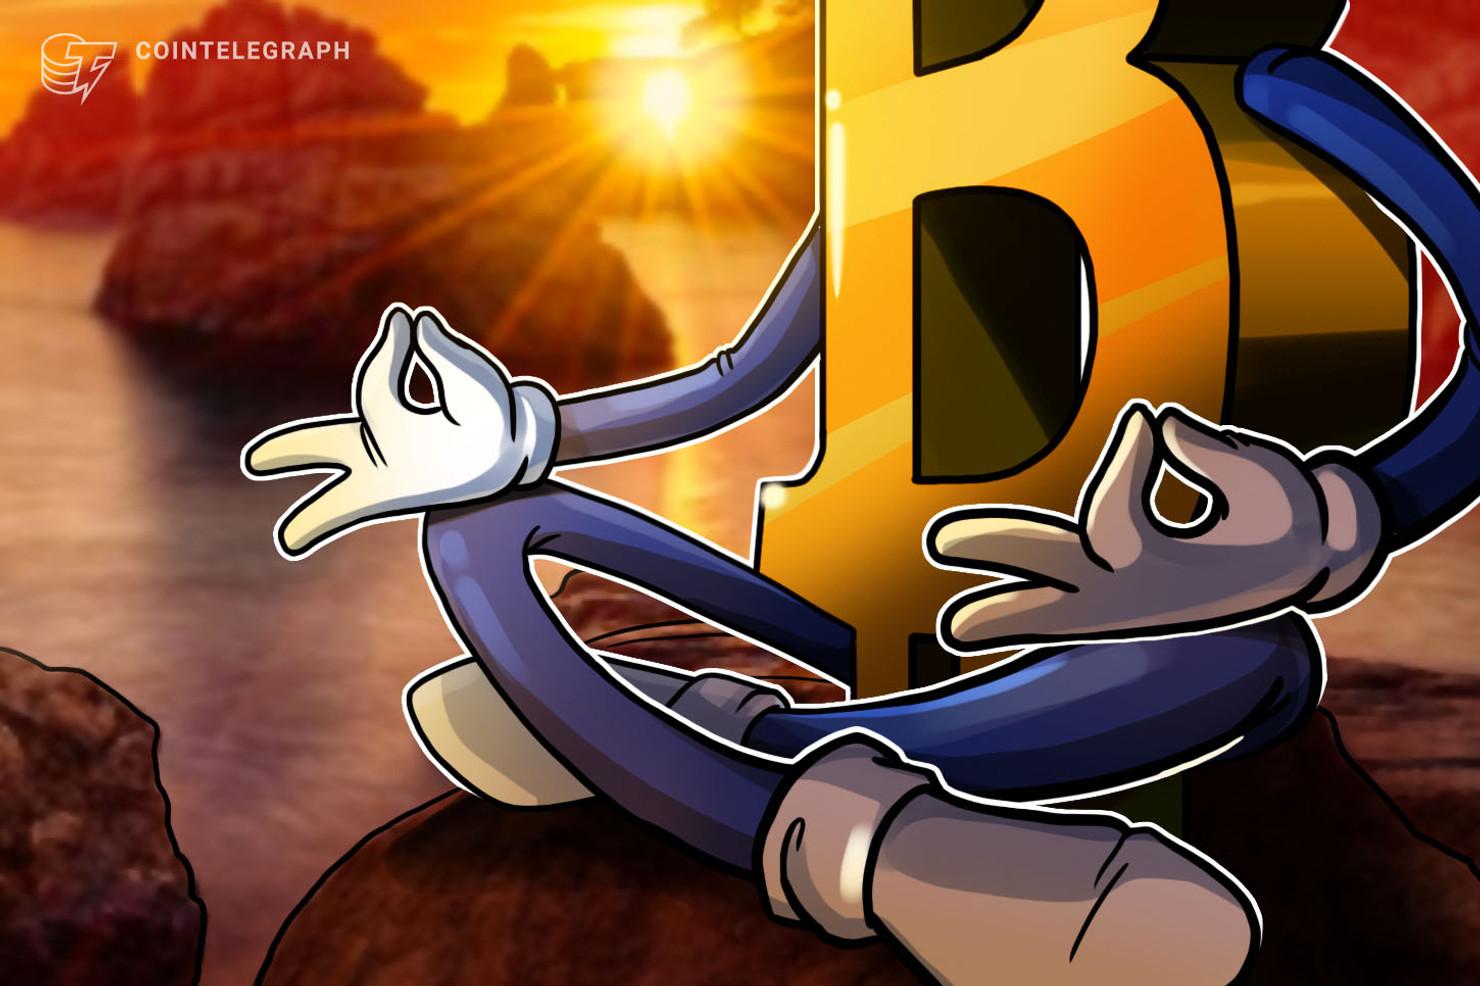 """El precio de Bitcoin forma una """"Cruz de Oro"""" mientras China entra en pánico y por ello imprime USD 170 millones"""